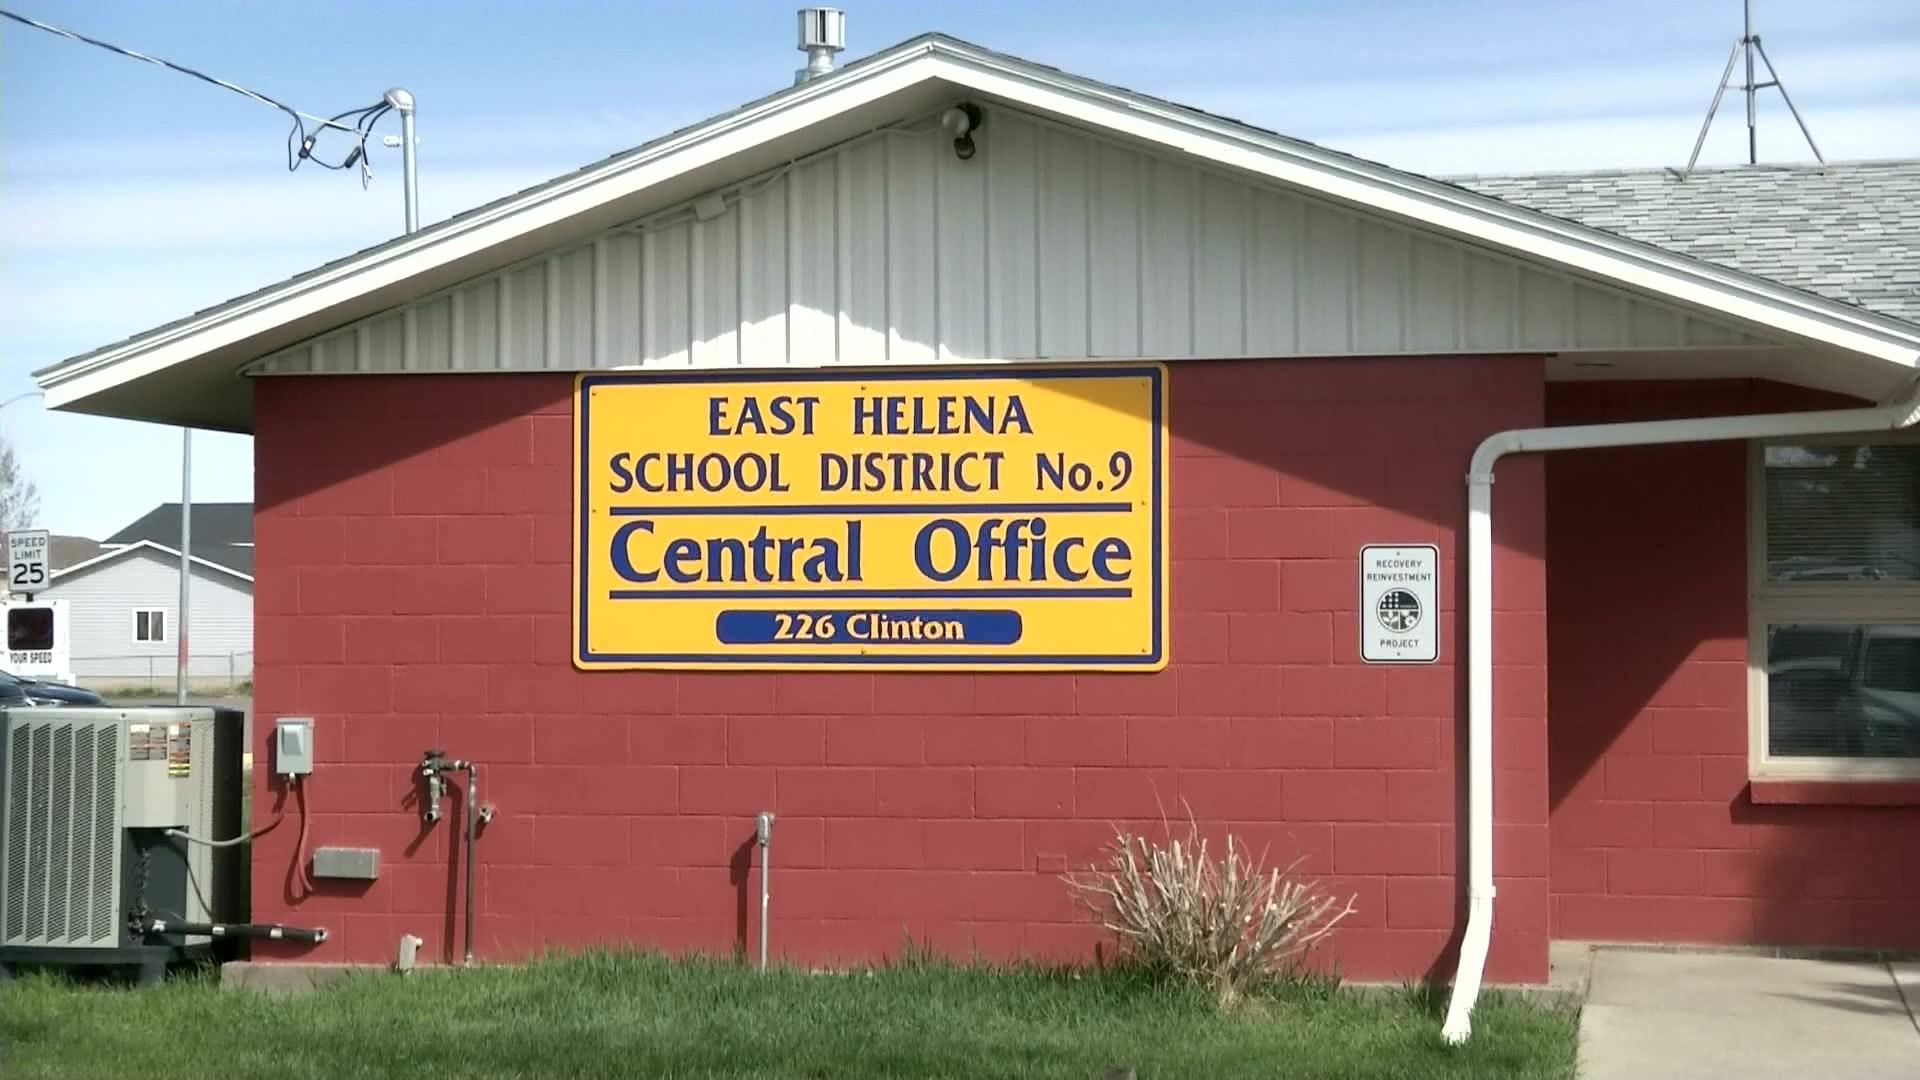 East Helena School District Building